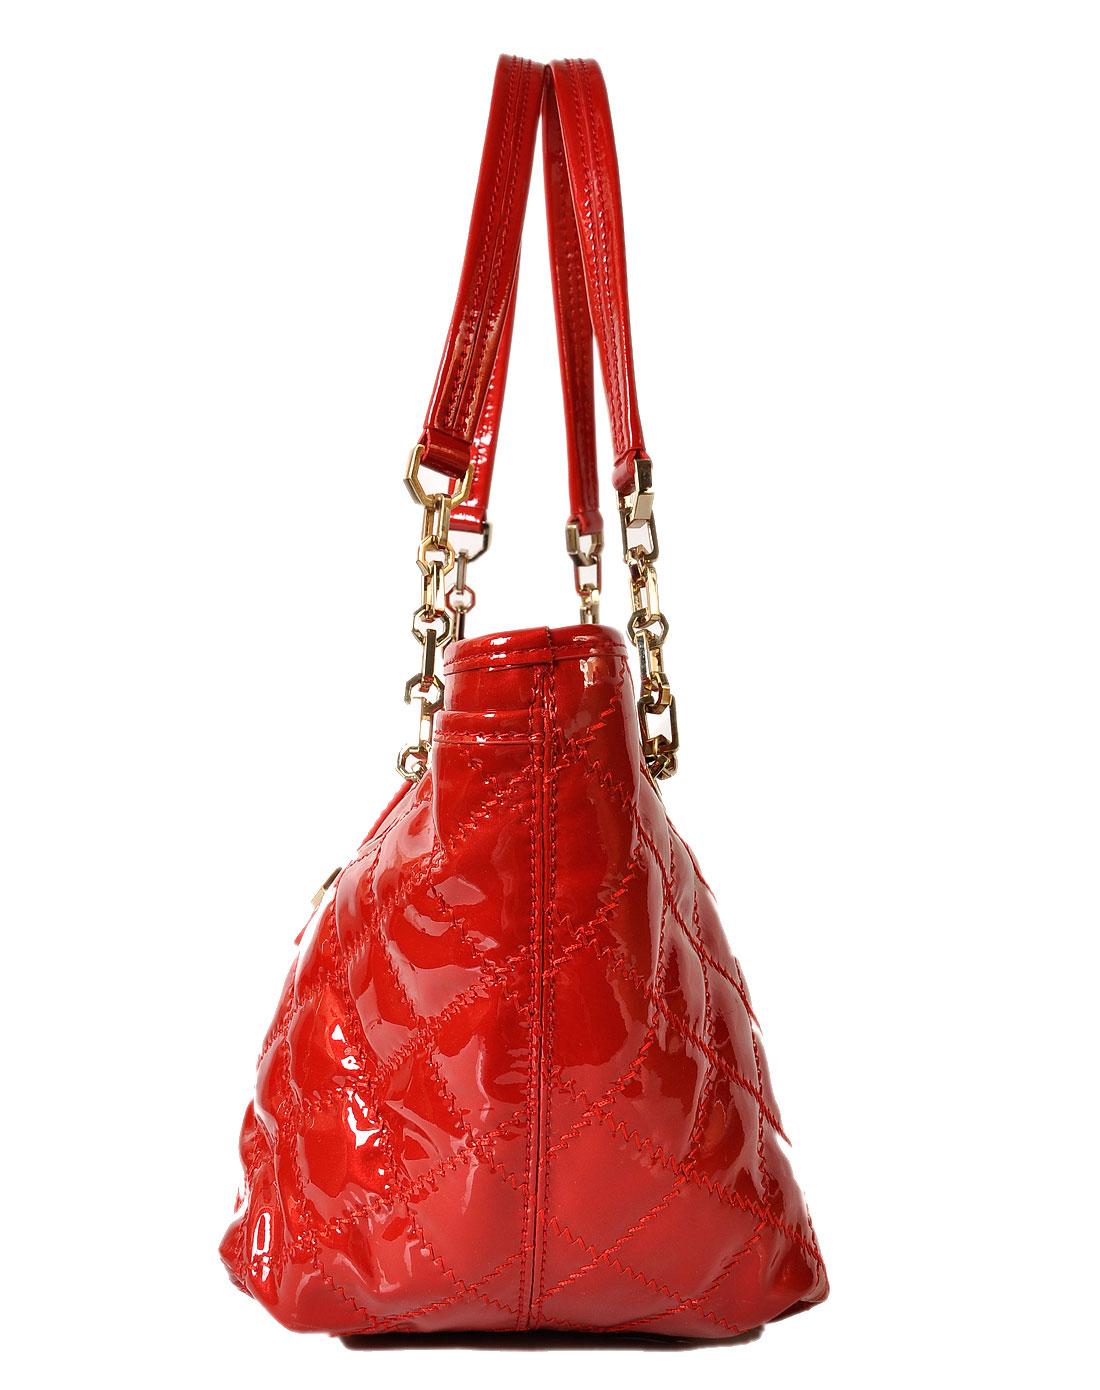 阿尔皮纳袋鼠女包红色手提包